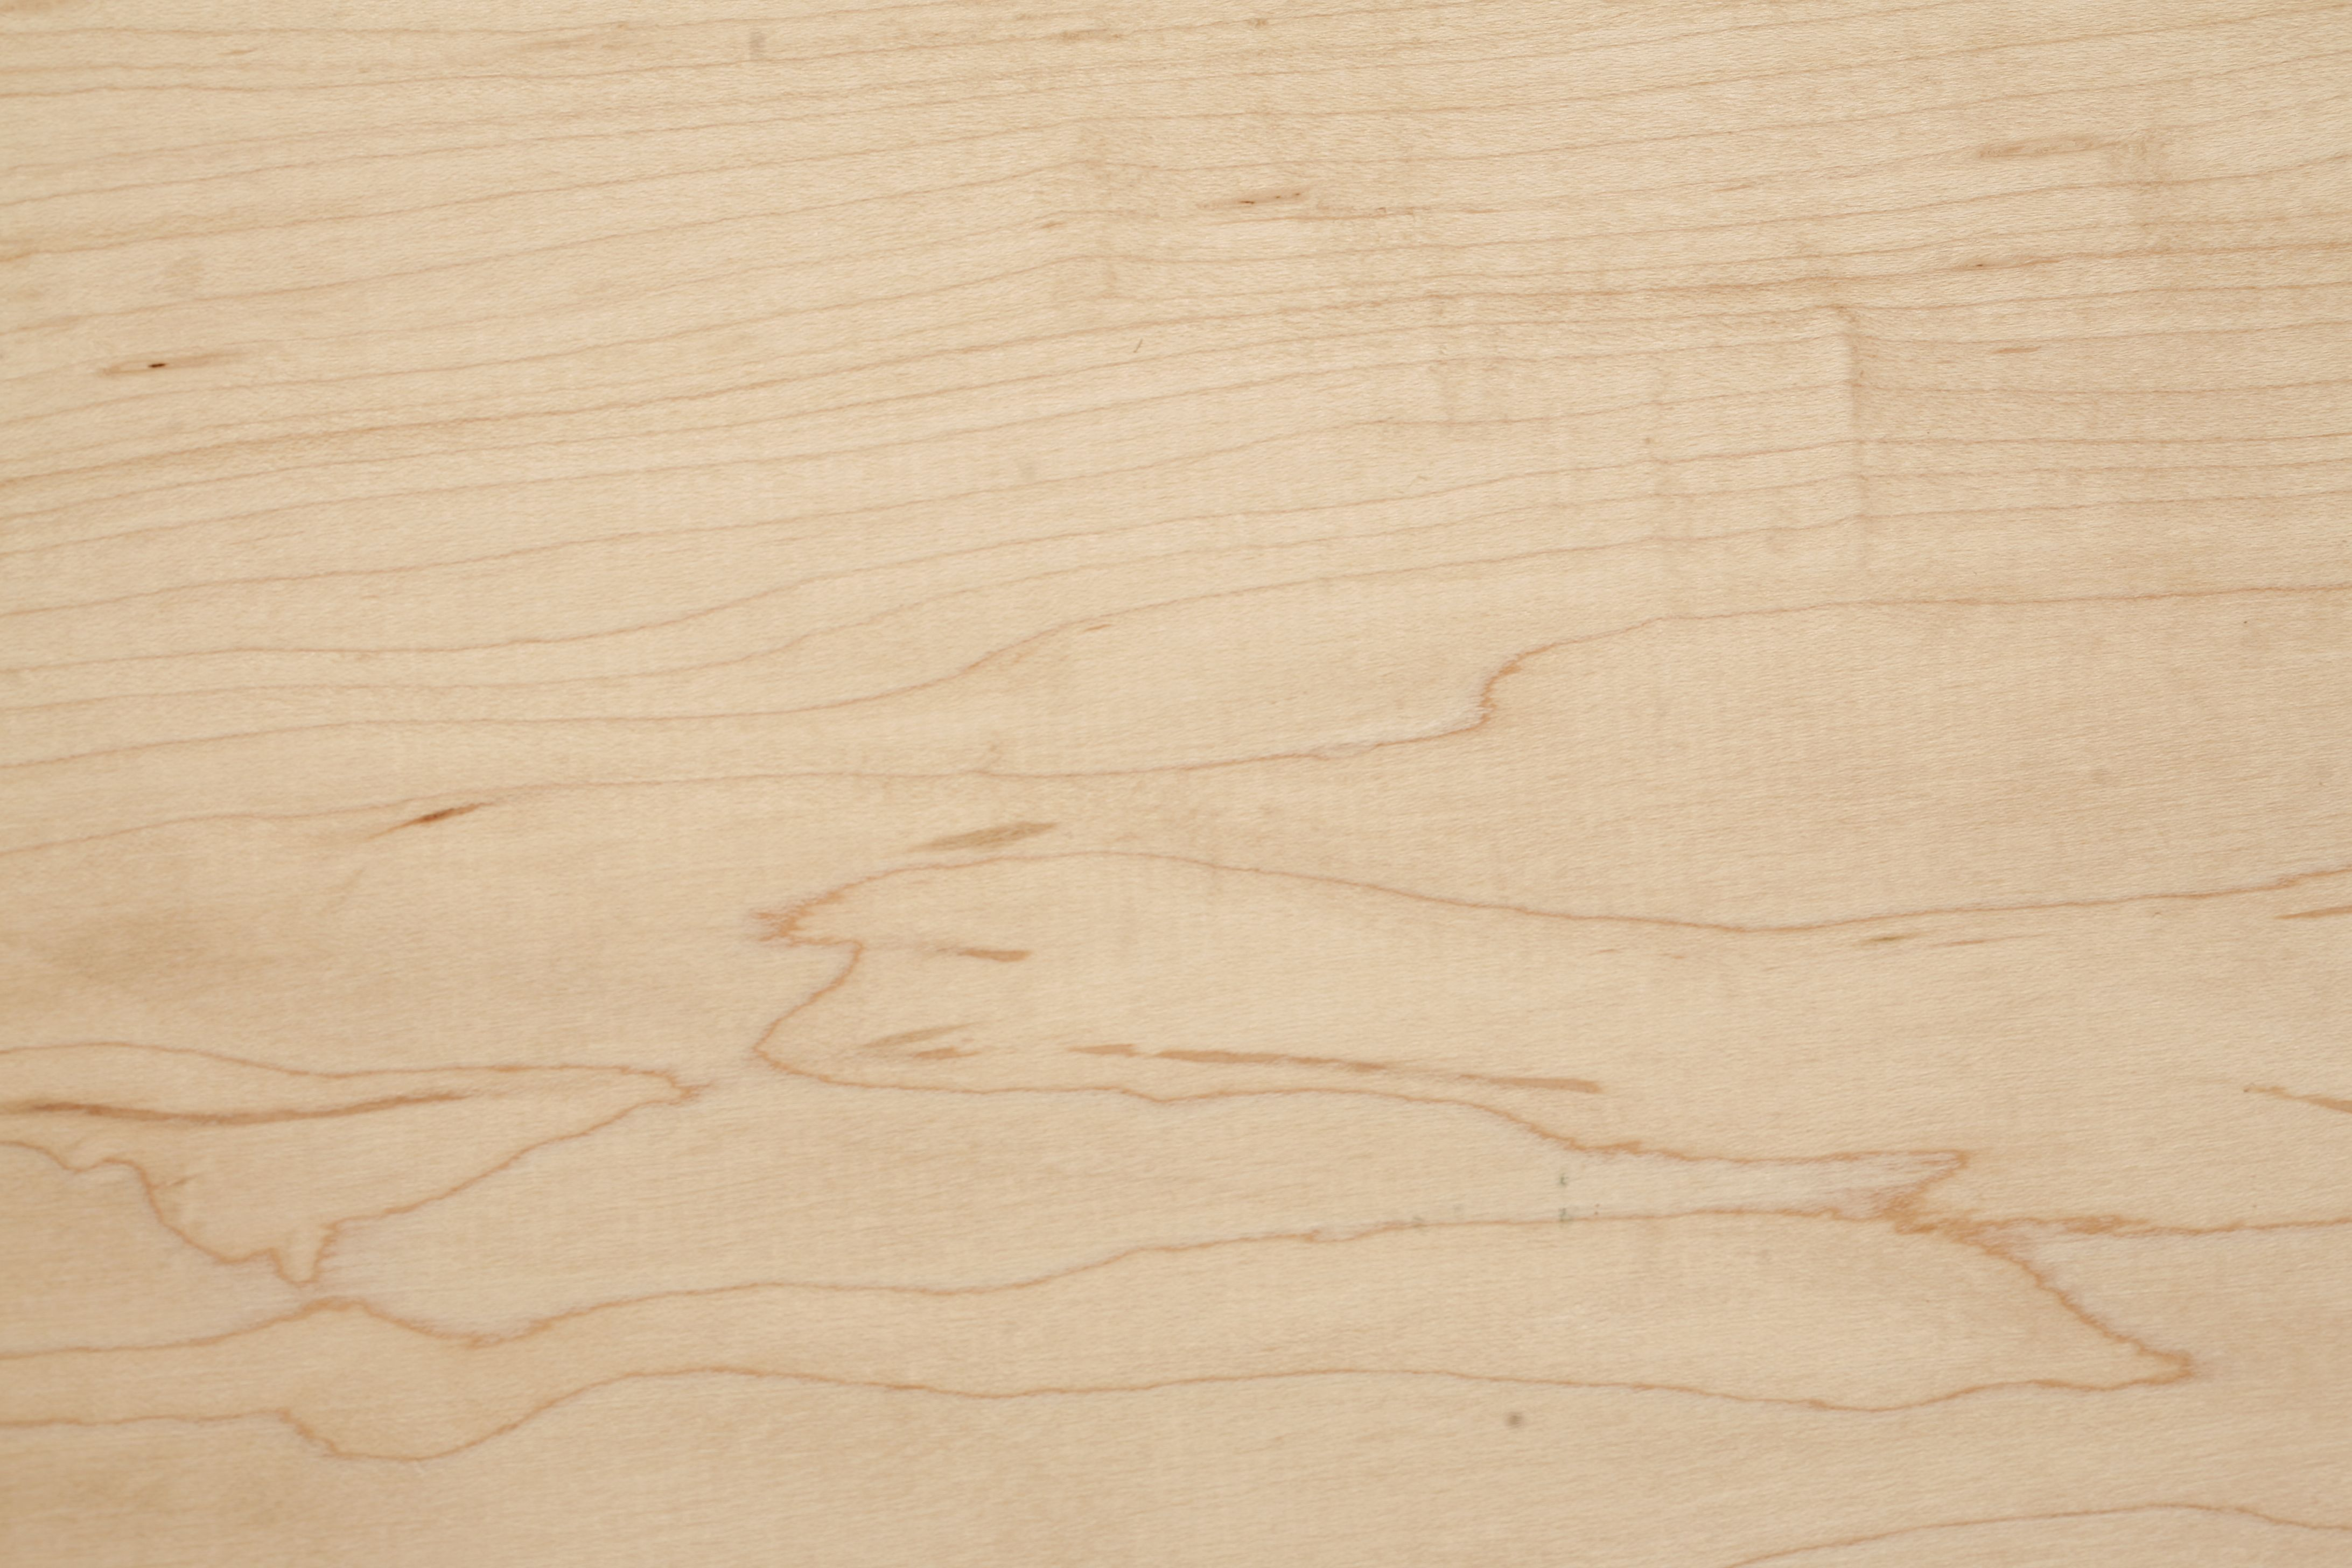 Vsledok Vyhadvania Obrzkov Pre Dopyt Plywood Texture